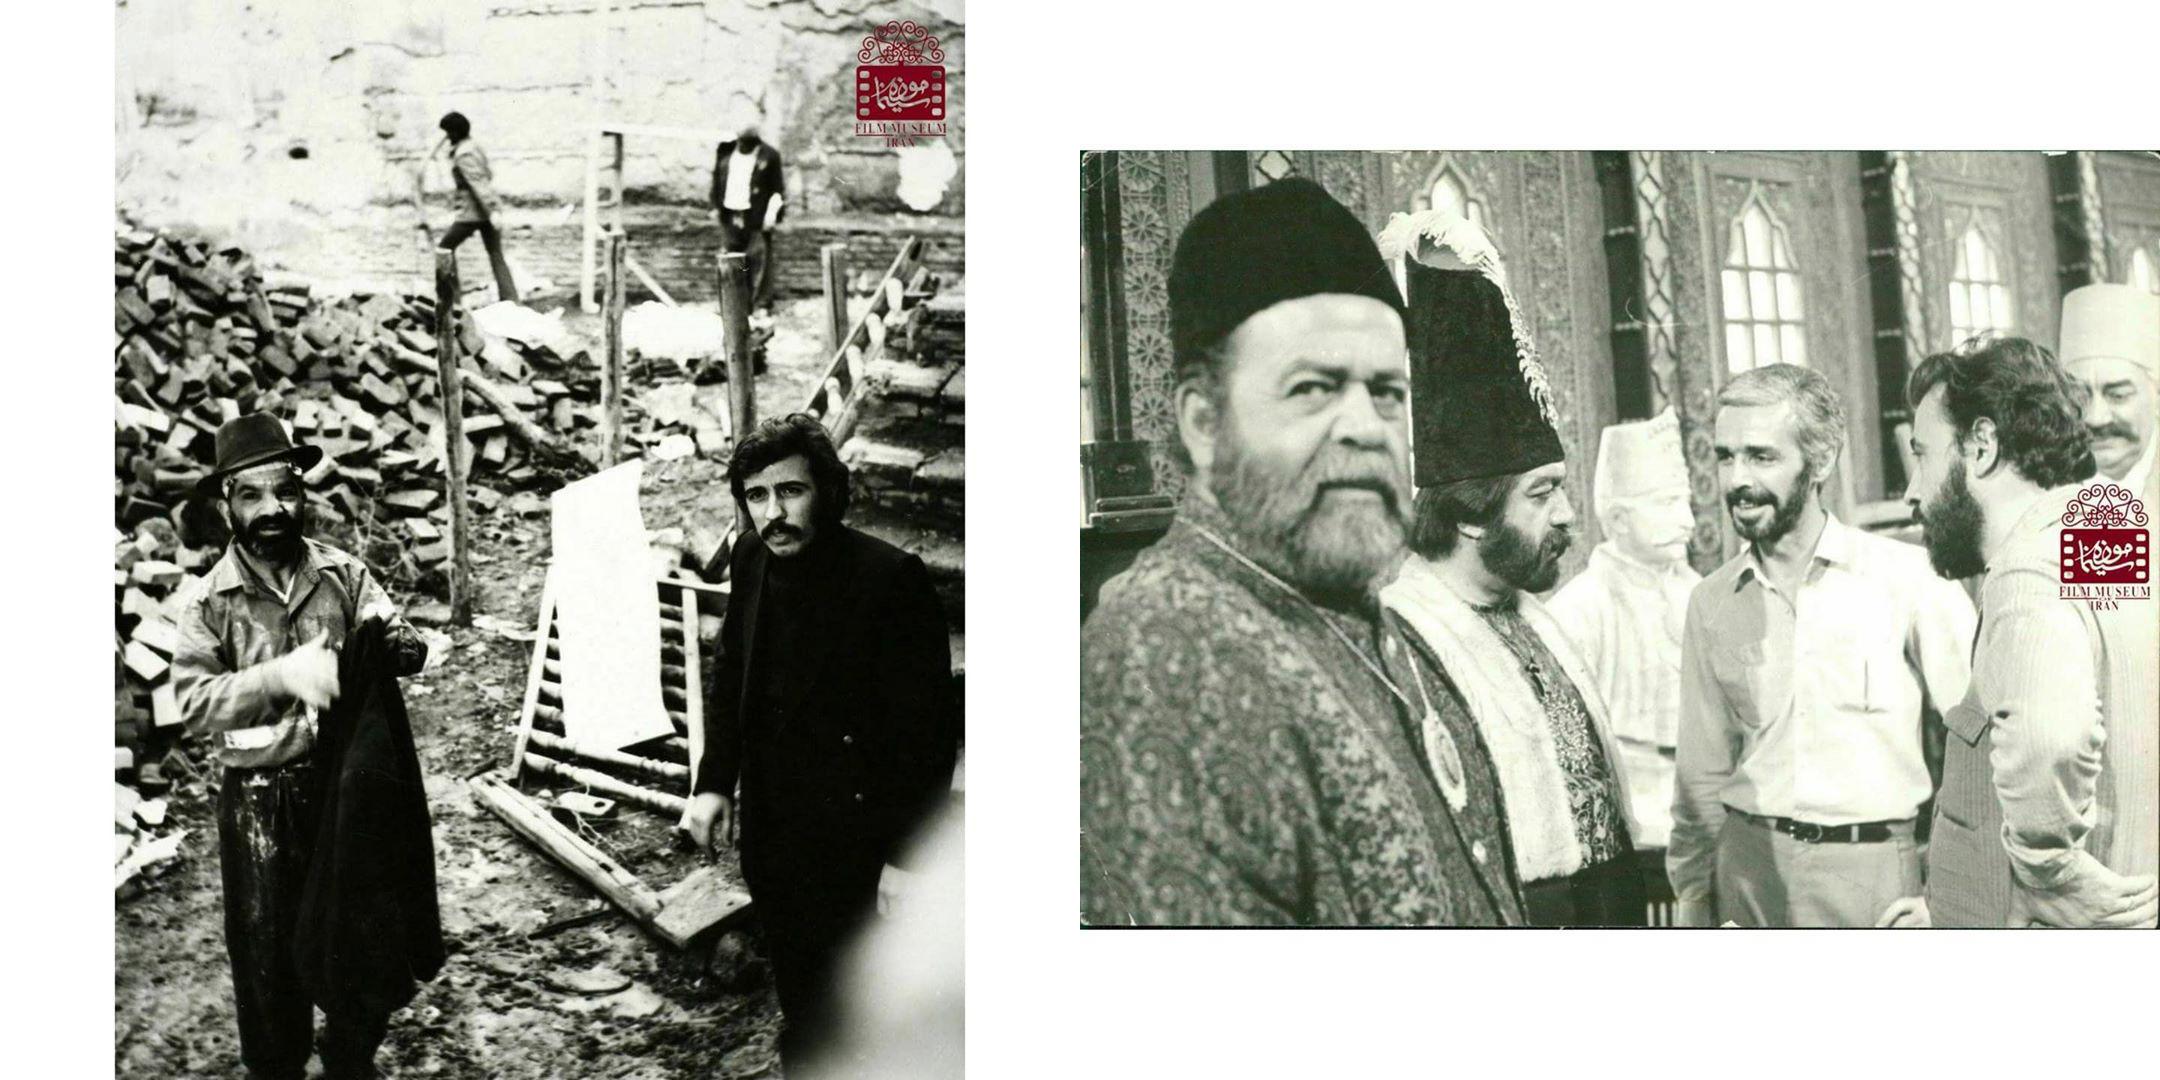 عکسهای کمتر دیدهشده از علی حاتمی در پشتصحنه فیلمها (بخش اول) | منبع: تاریخی موزه سینمای ایران